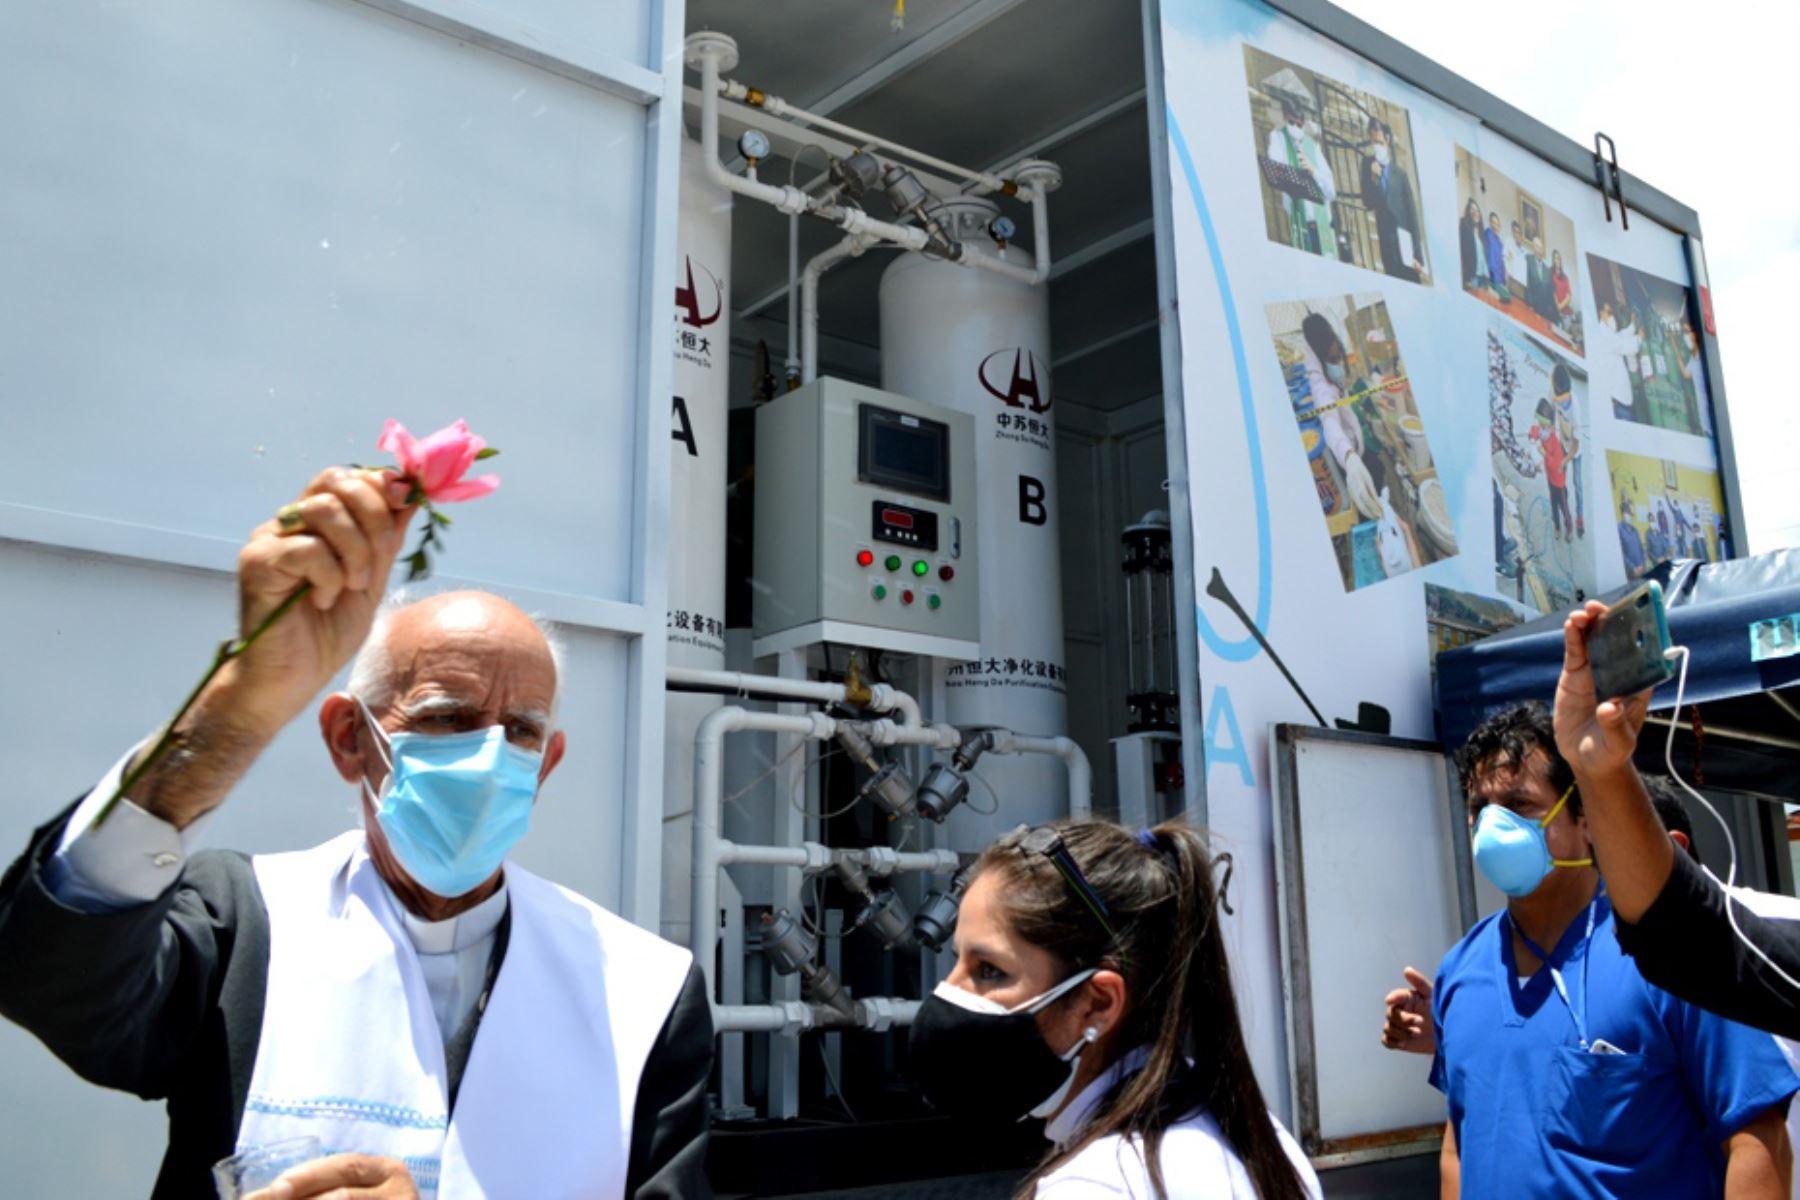 cajamarca-pone-en-funcionamiento-planta-del-pueblo-de-oxigeno-medicinal